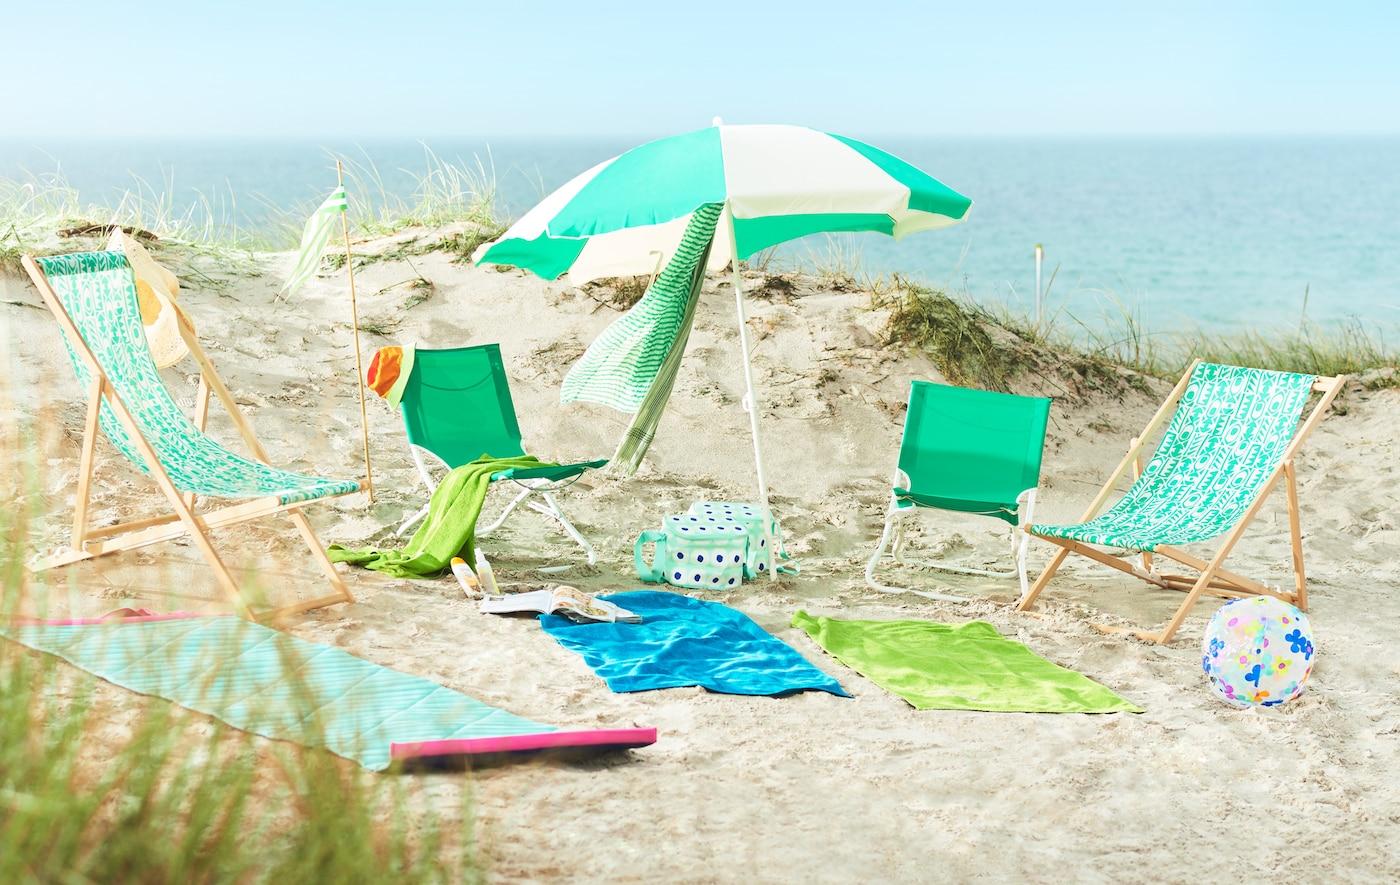 Eine Szene am Strand mit Sonnenschirm, leichten Liegestühlen & Strandmatten in türkis-grünen Farben